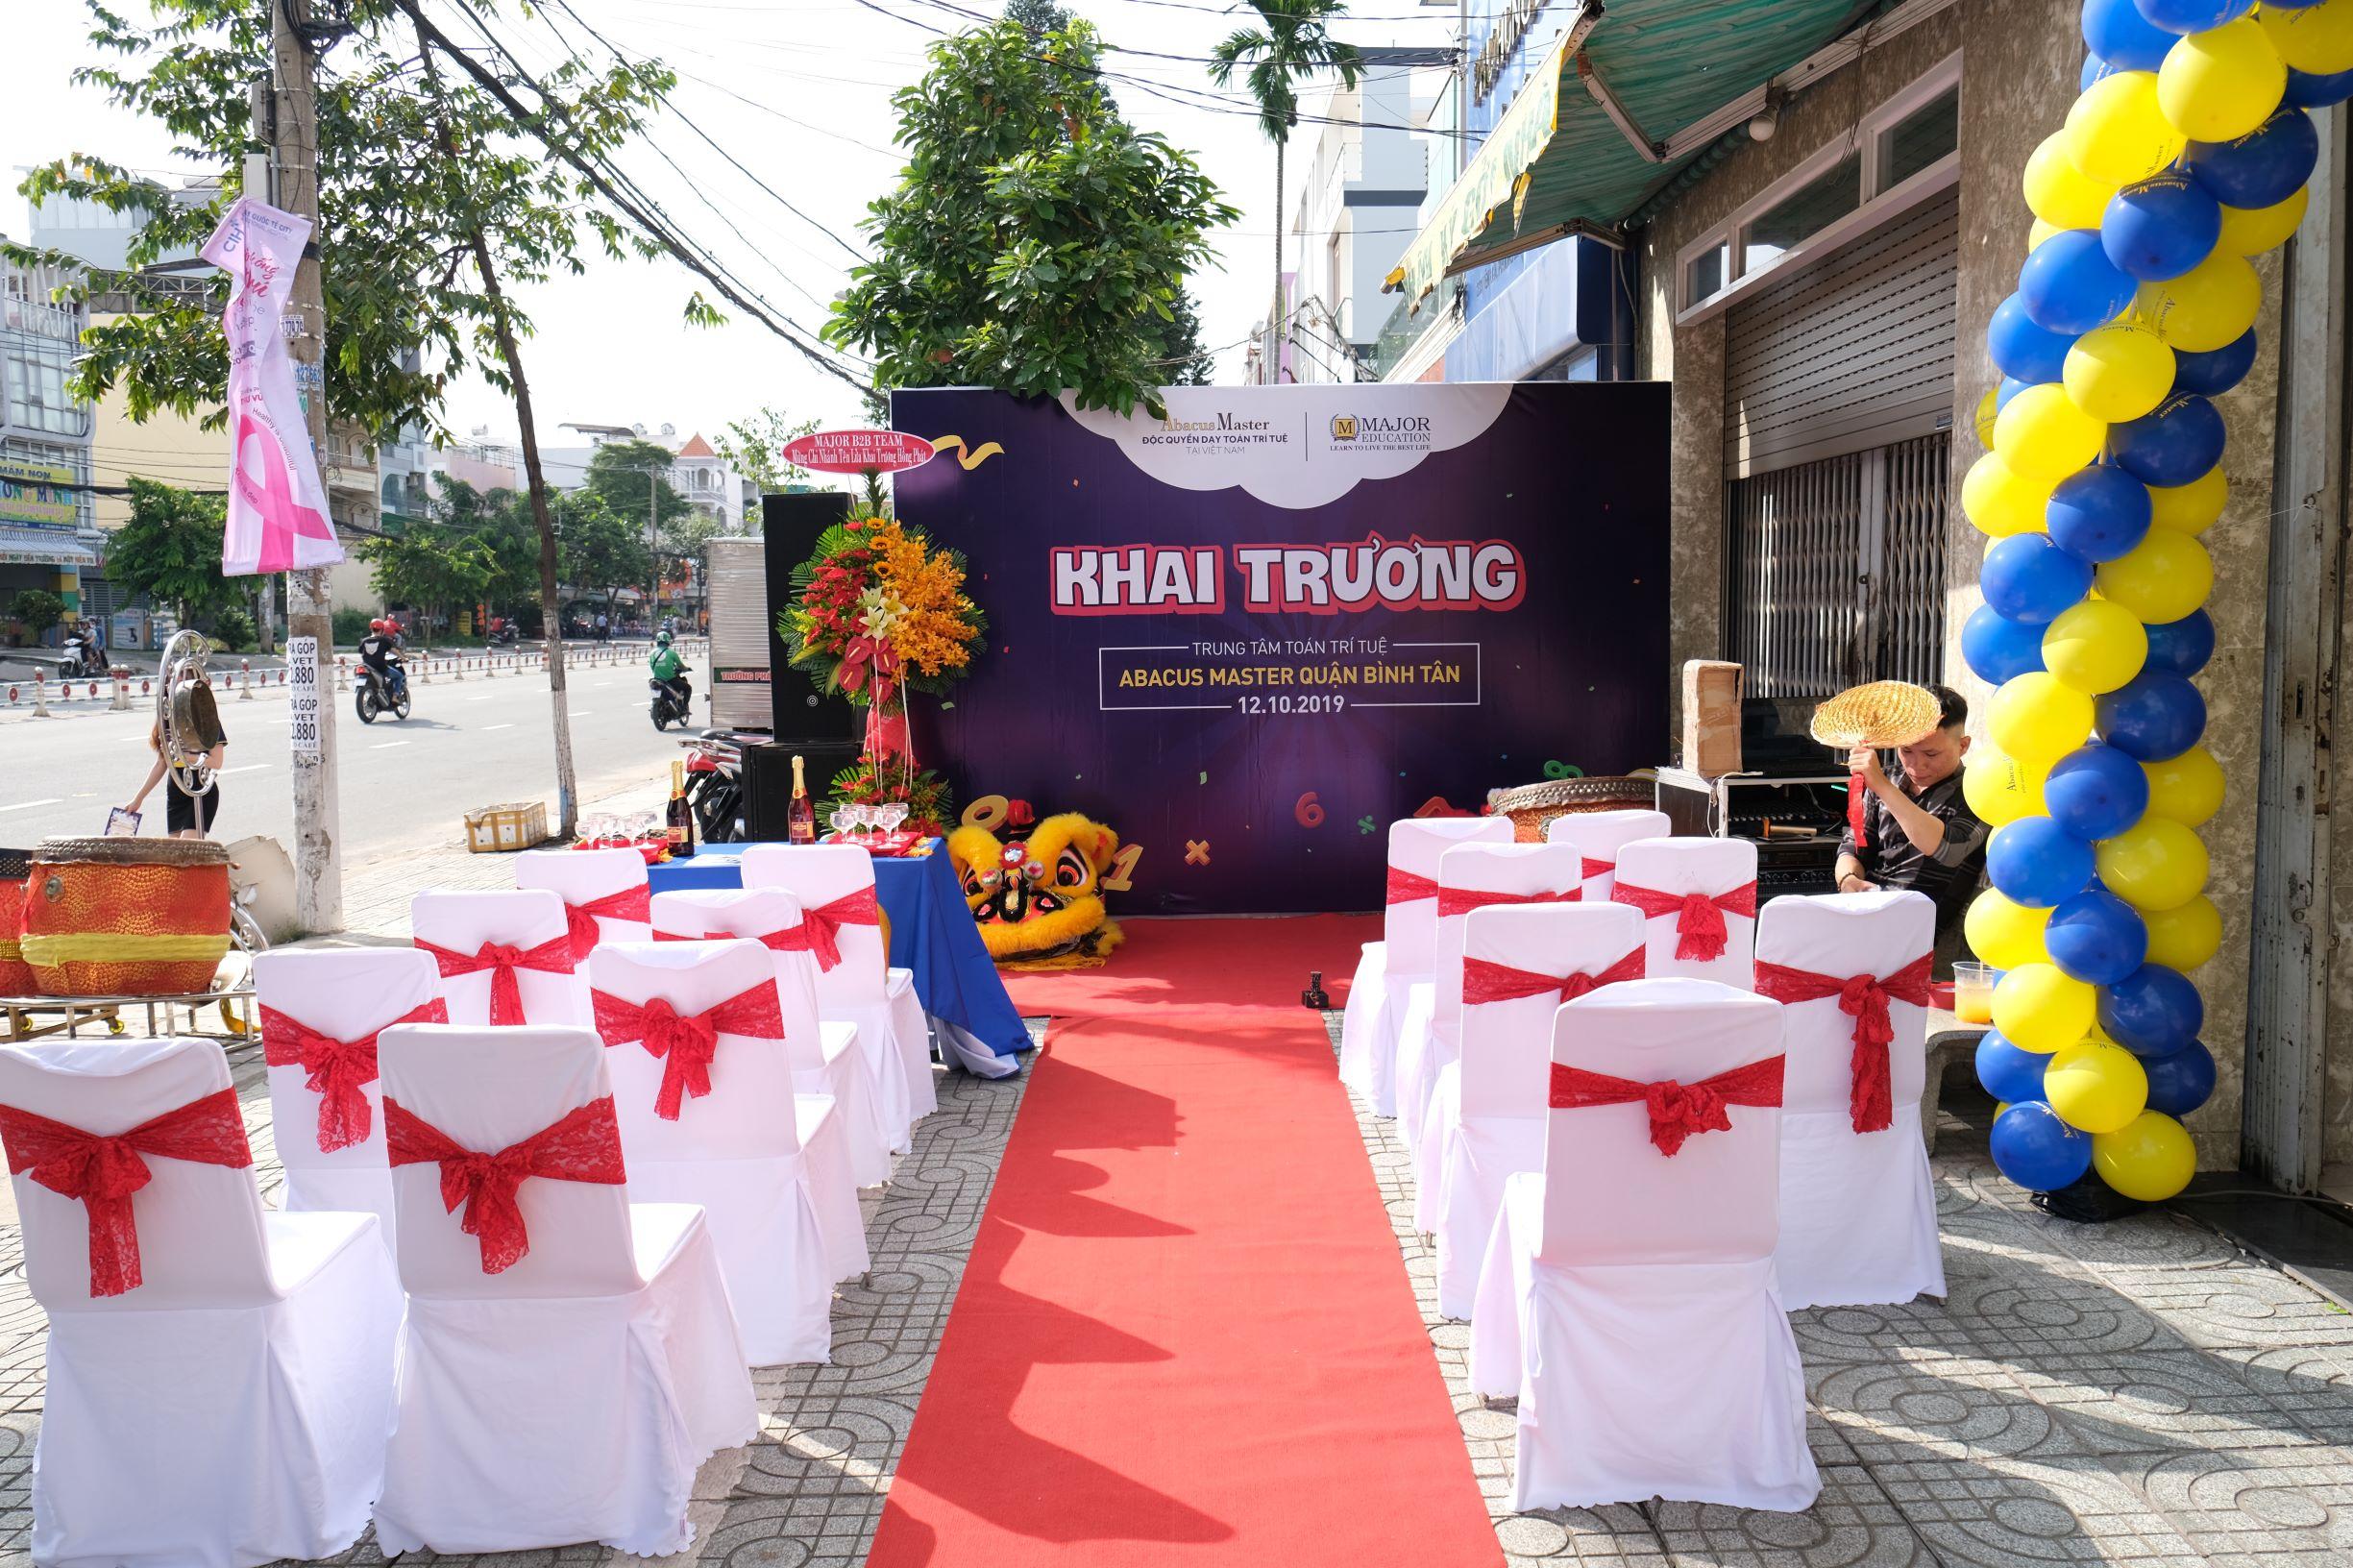 Khai trương trung tâm toán trí tuệ quận Bình Tân